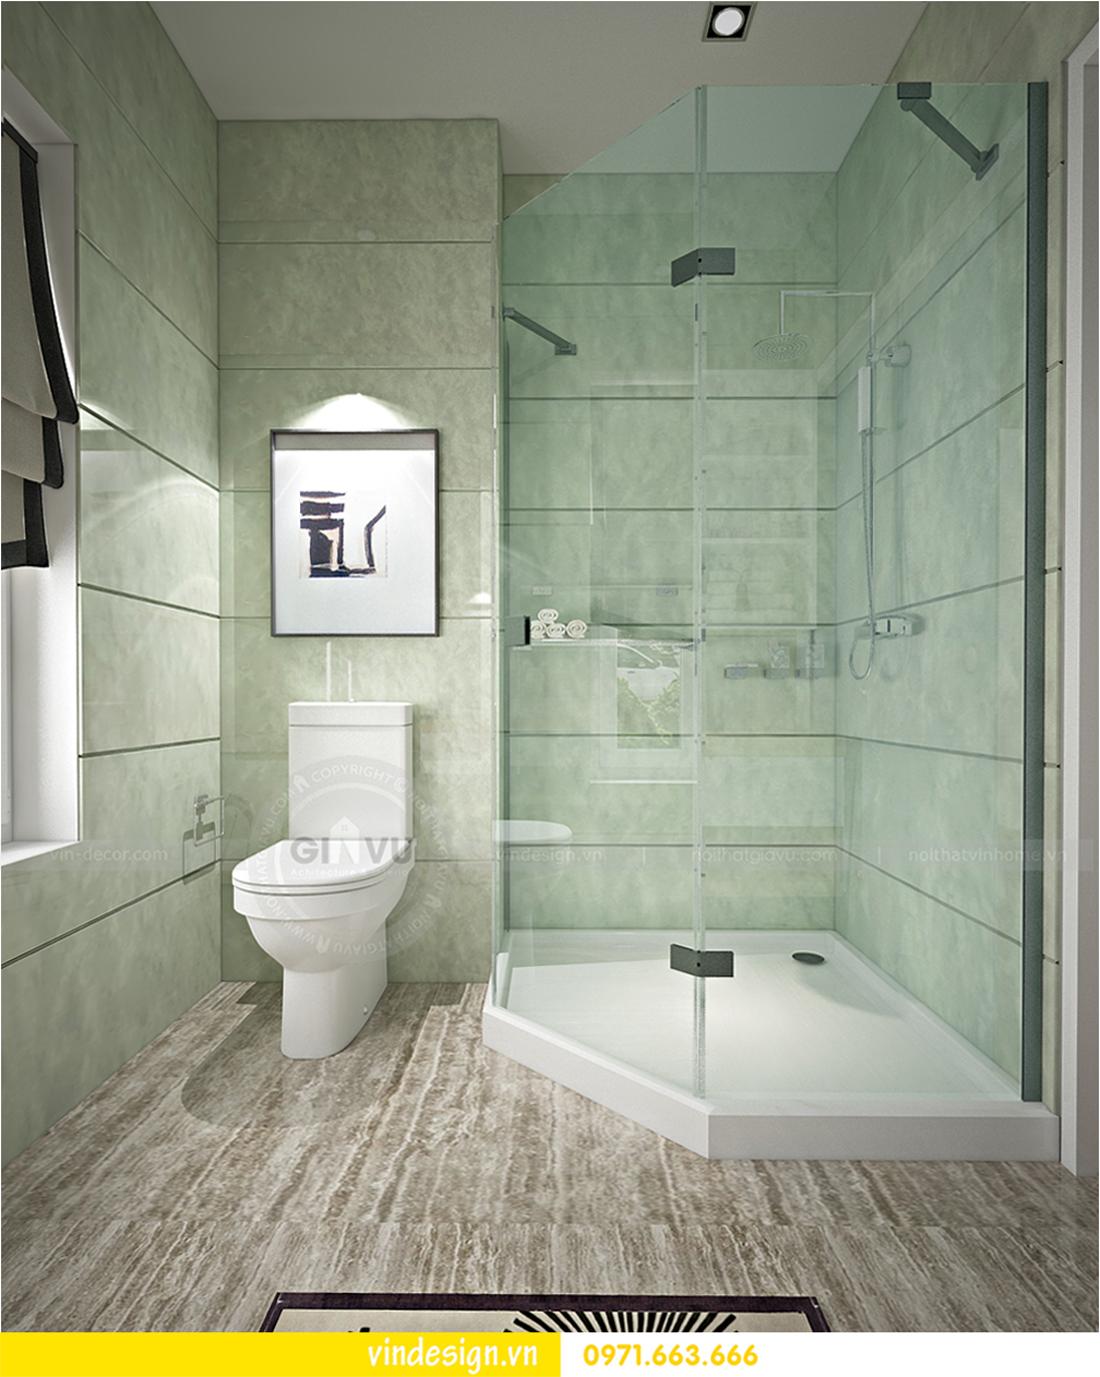 thiết kế nội thất Vinhomes Riverside Anh Đào 03-21 17